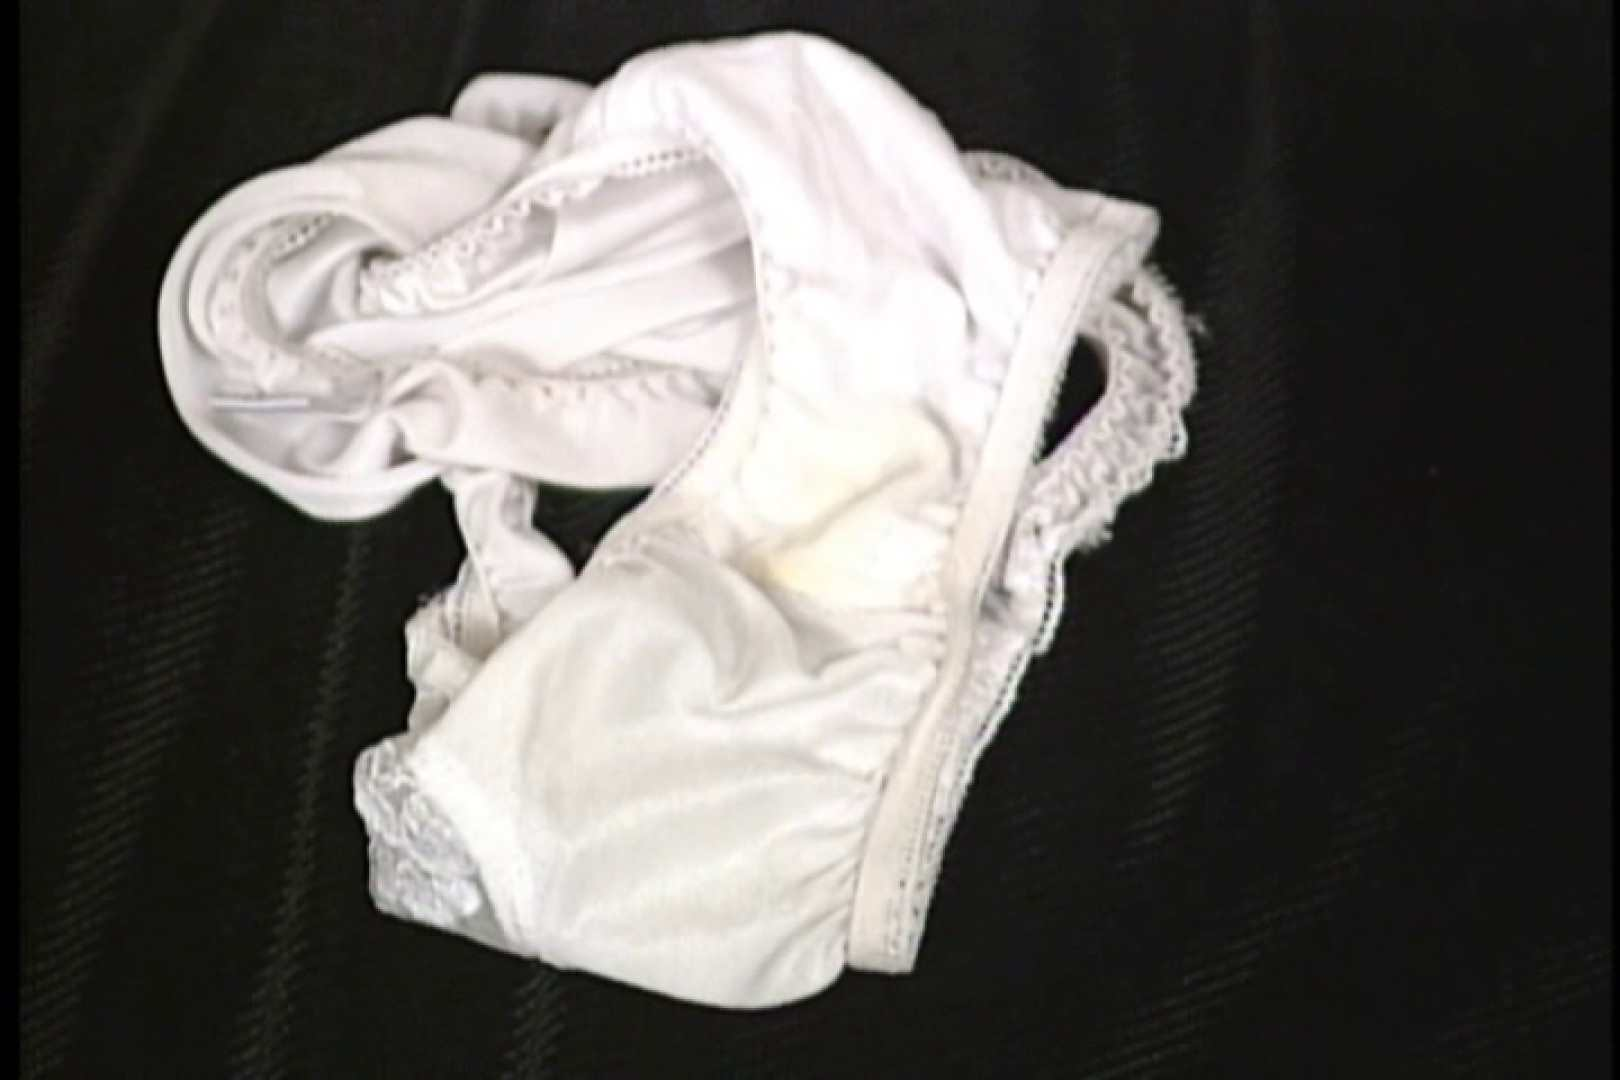 セクシー浴衣、おっぱいが透けて見えてますよ~清水美沙~ マンコ  112pic 72